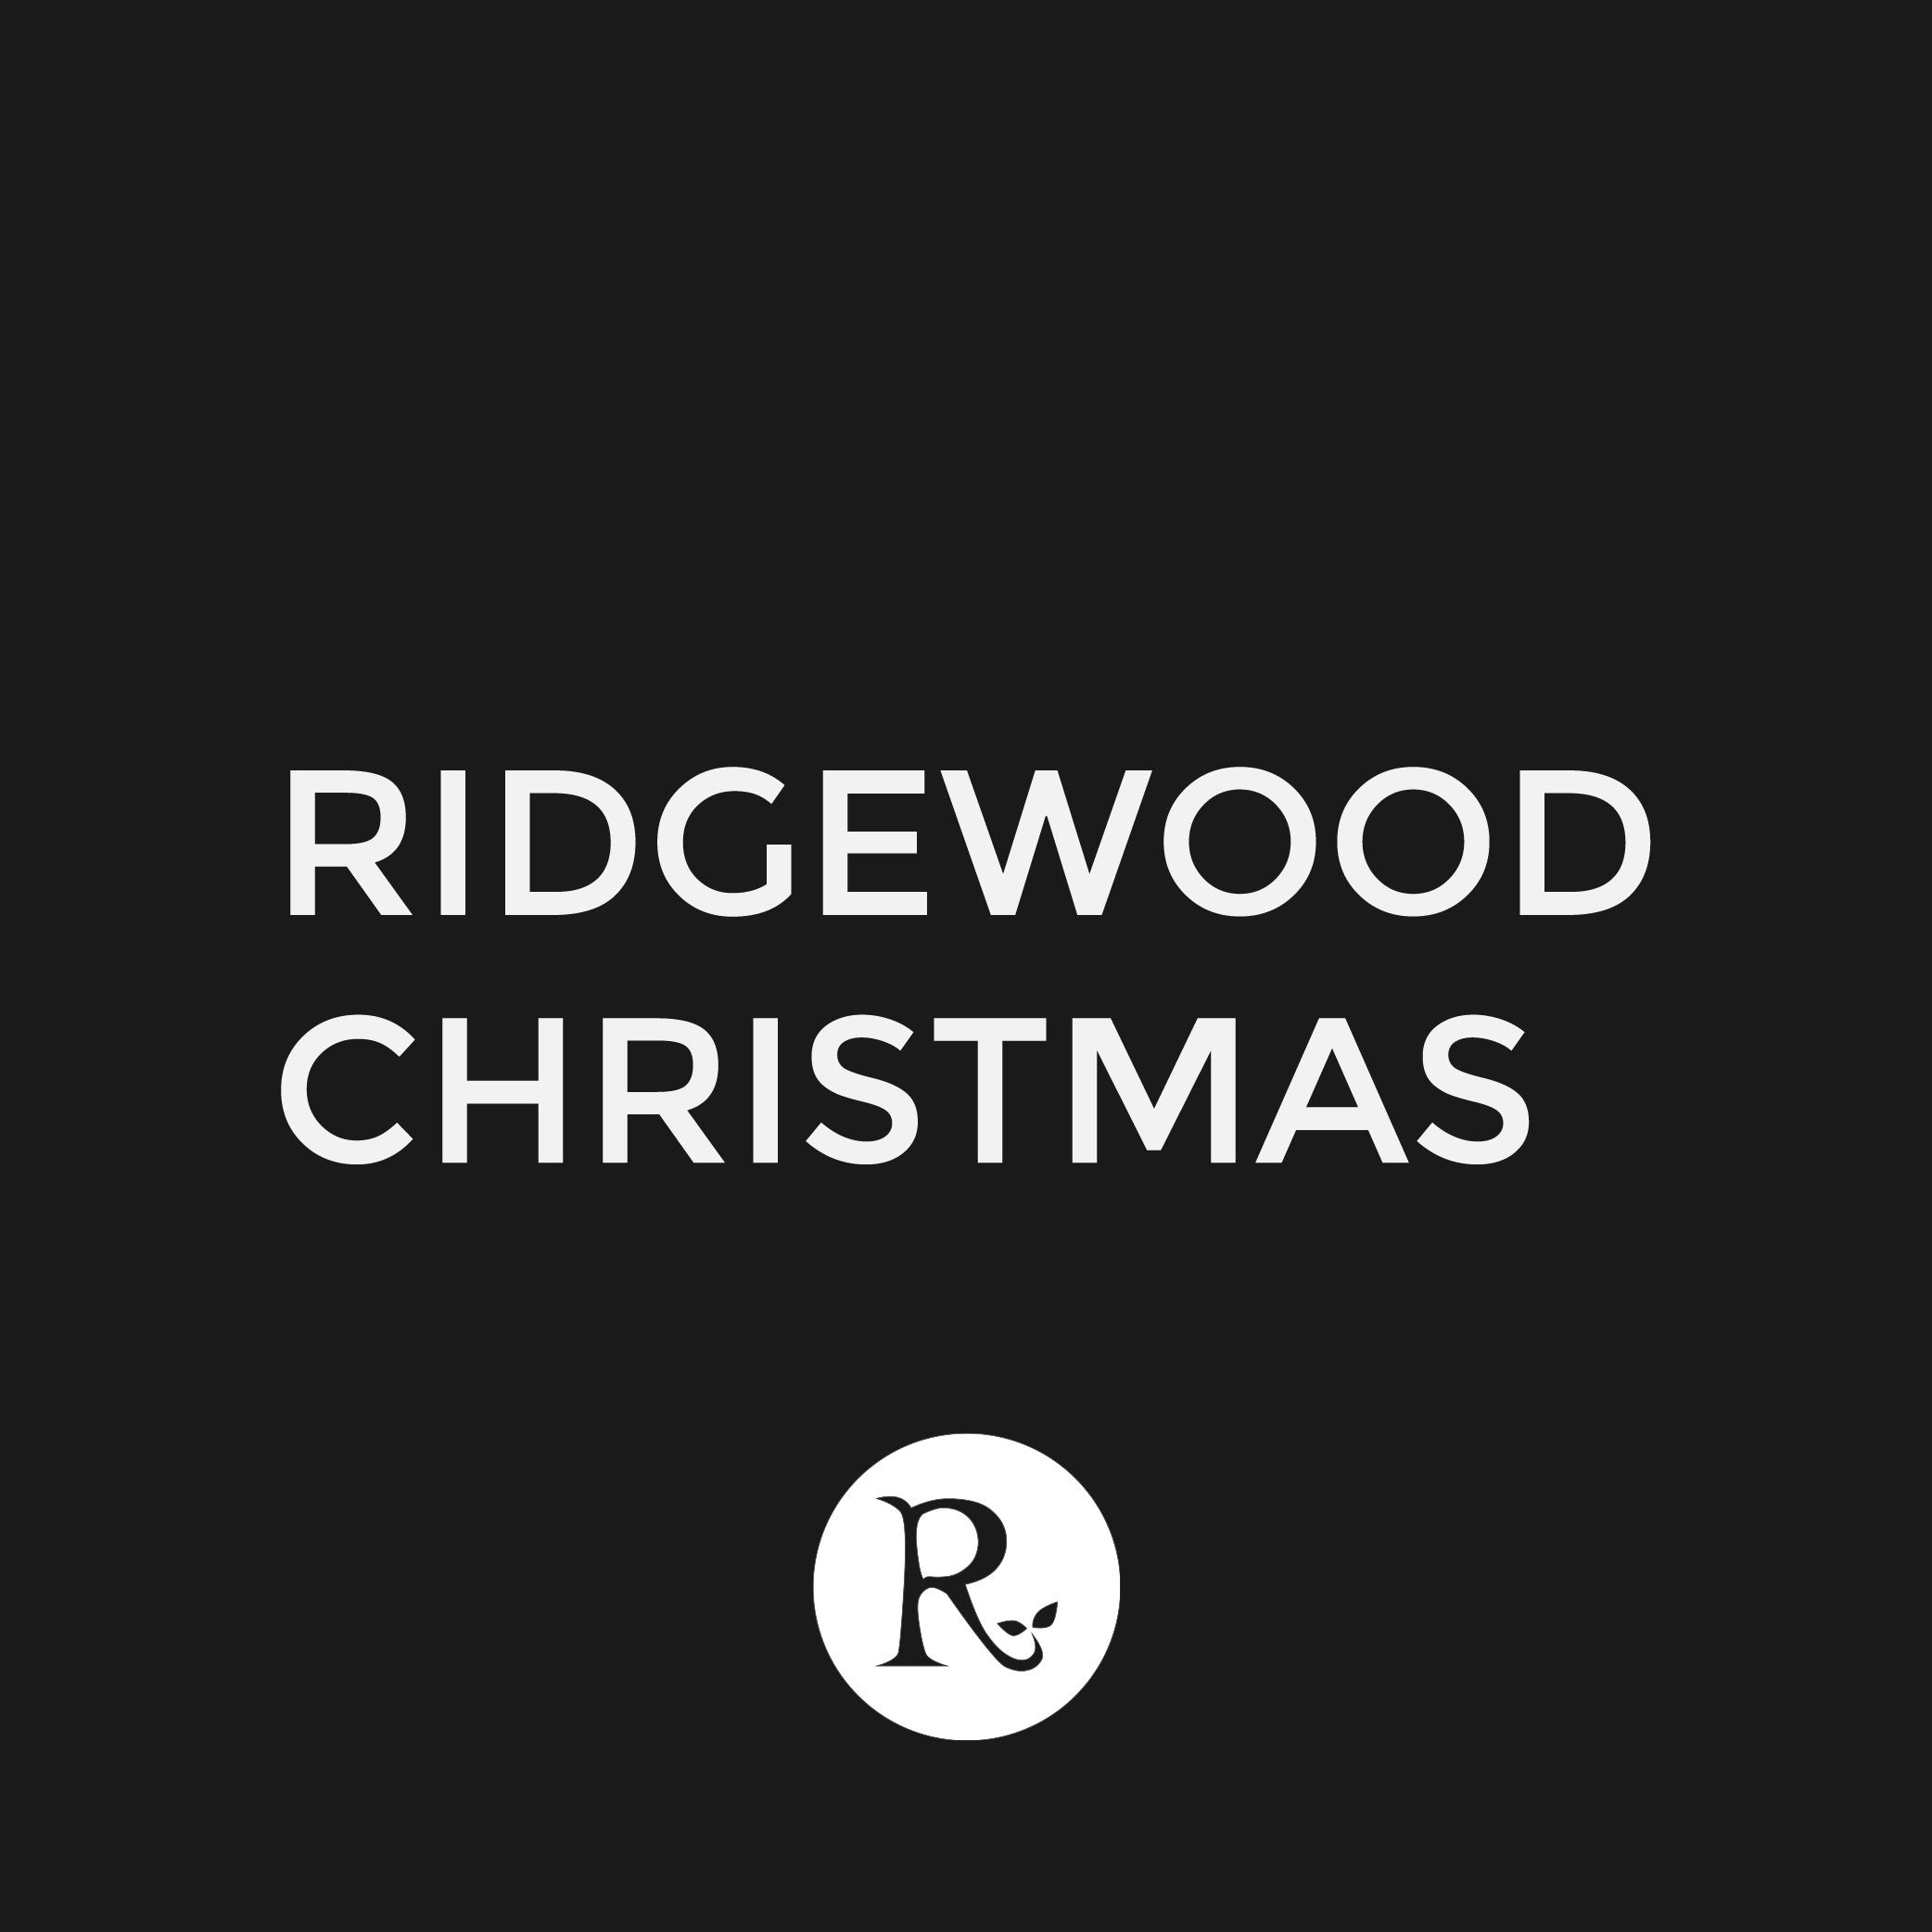 RIDGEWOOD CHIRSTMAS.png